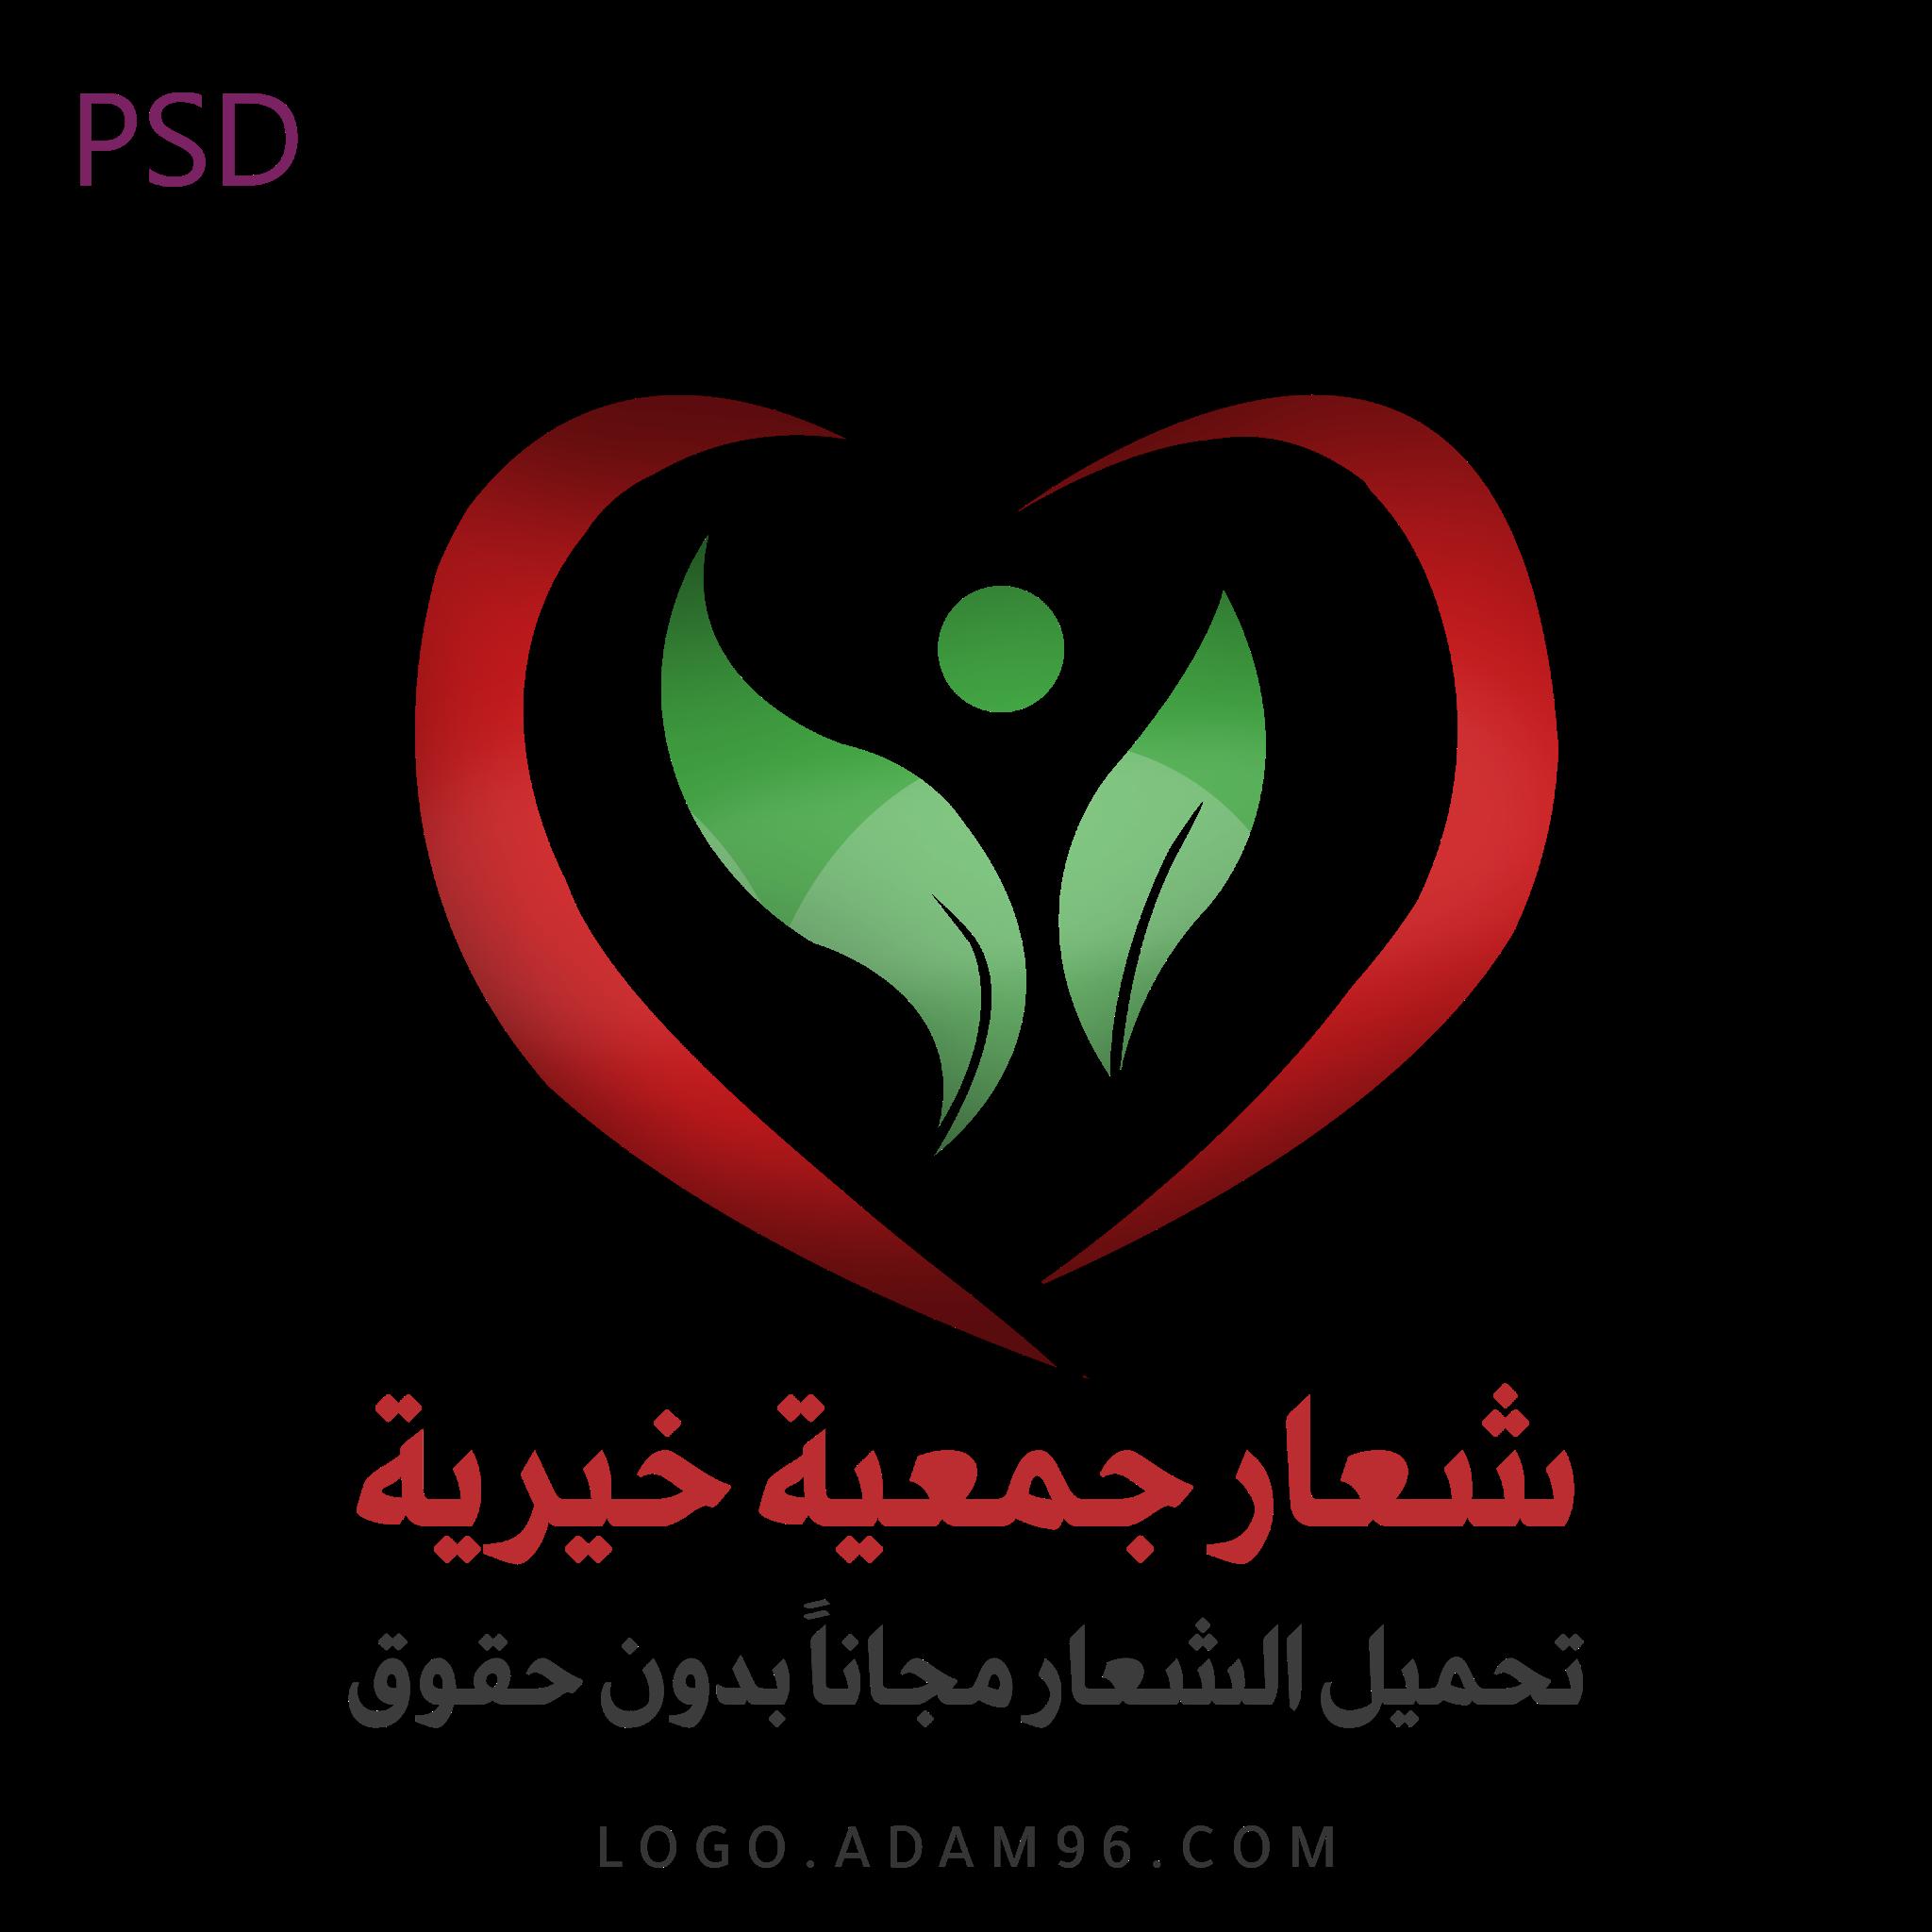 تحميل شعار جمعية خيرية مجاناً بدون حقوق بصيغة PSD Logo for free